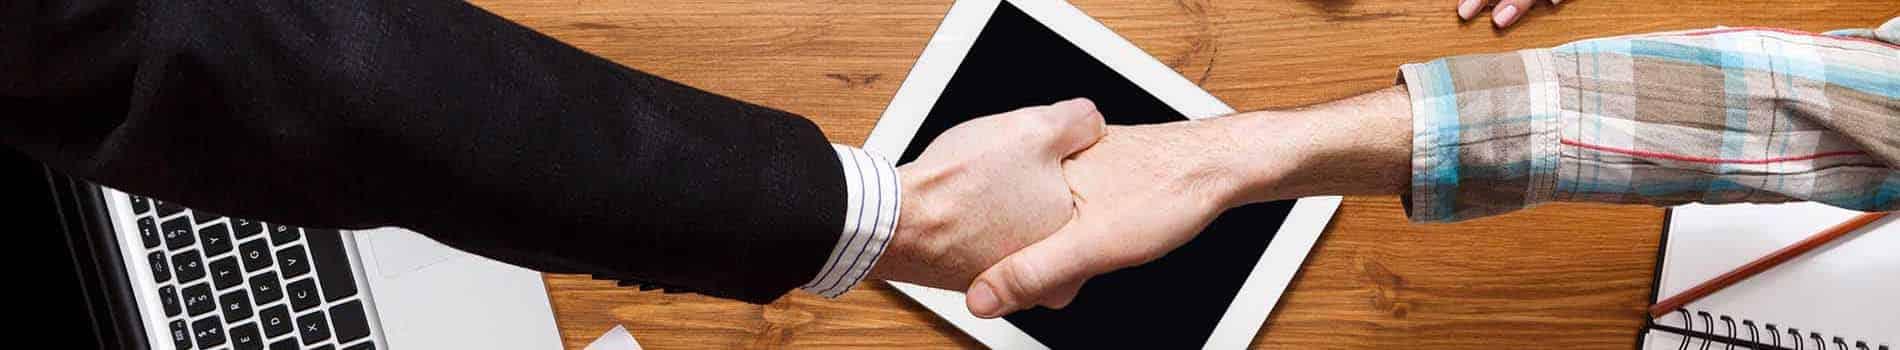 IT-Agentur gesucht? Vier Fragen, die Sie sich bei der Auswahl stellen sollten.